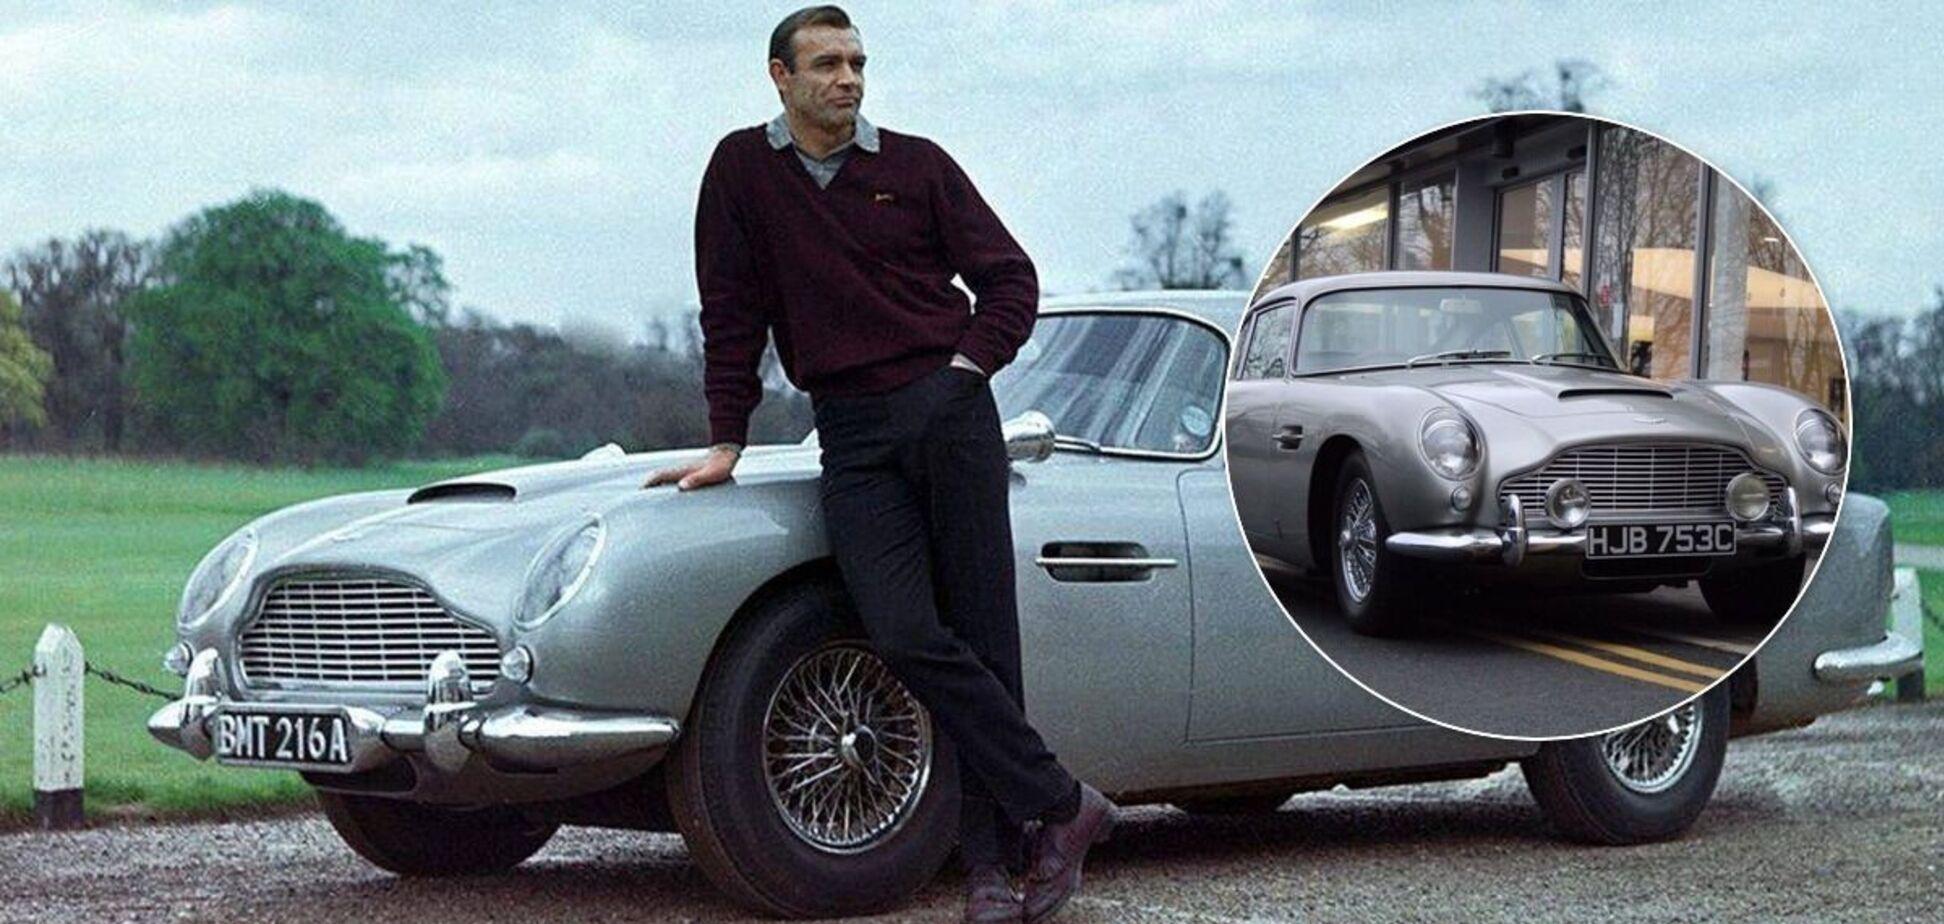 Поліція шукає Aston Martin DB5 1965 року